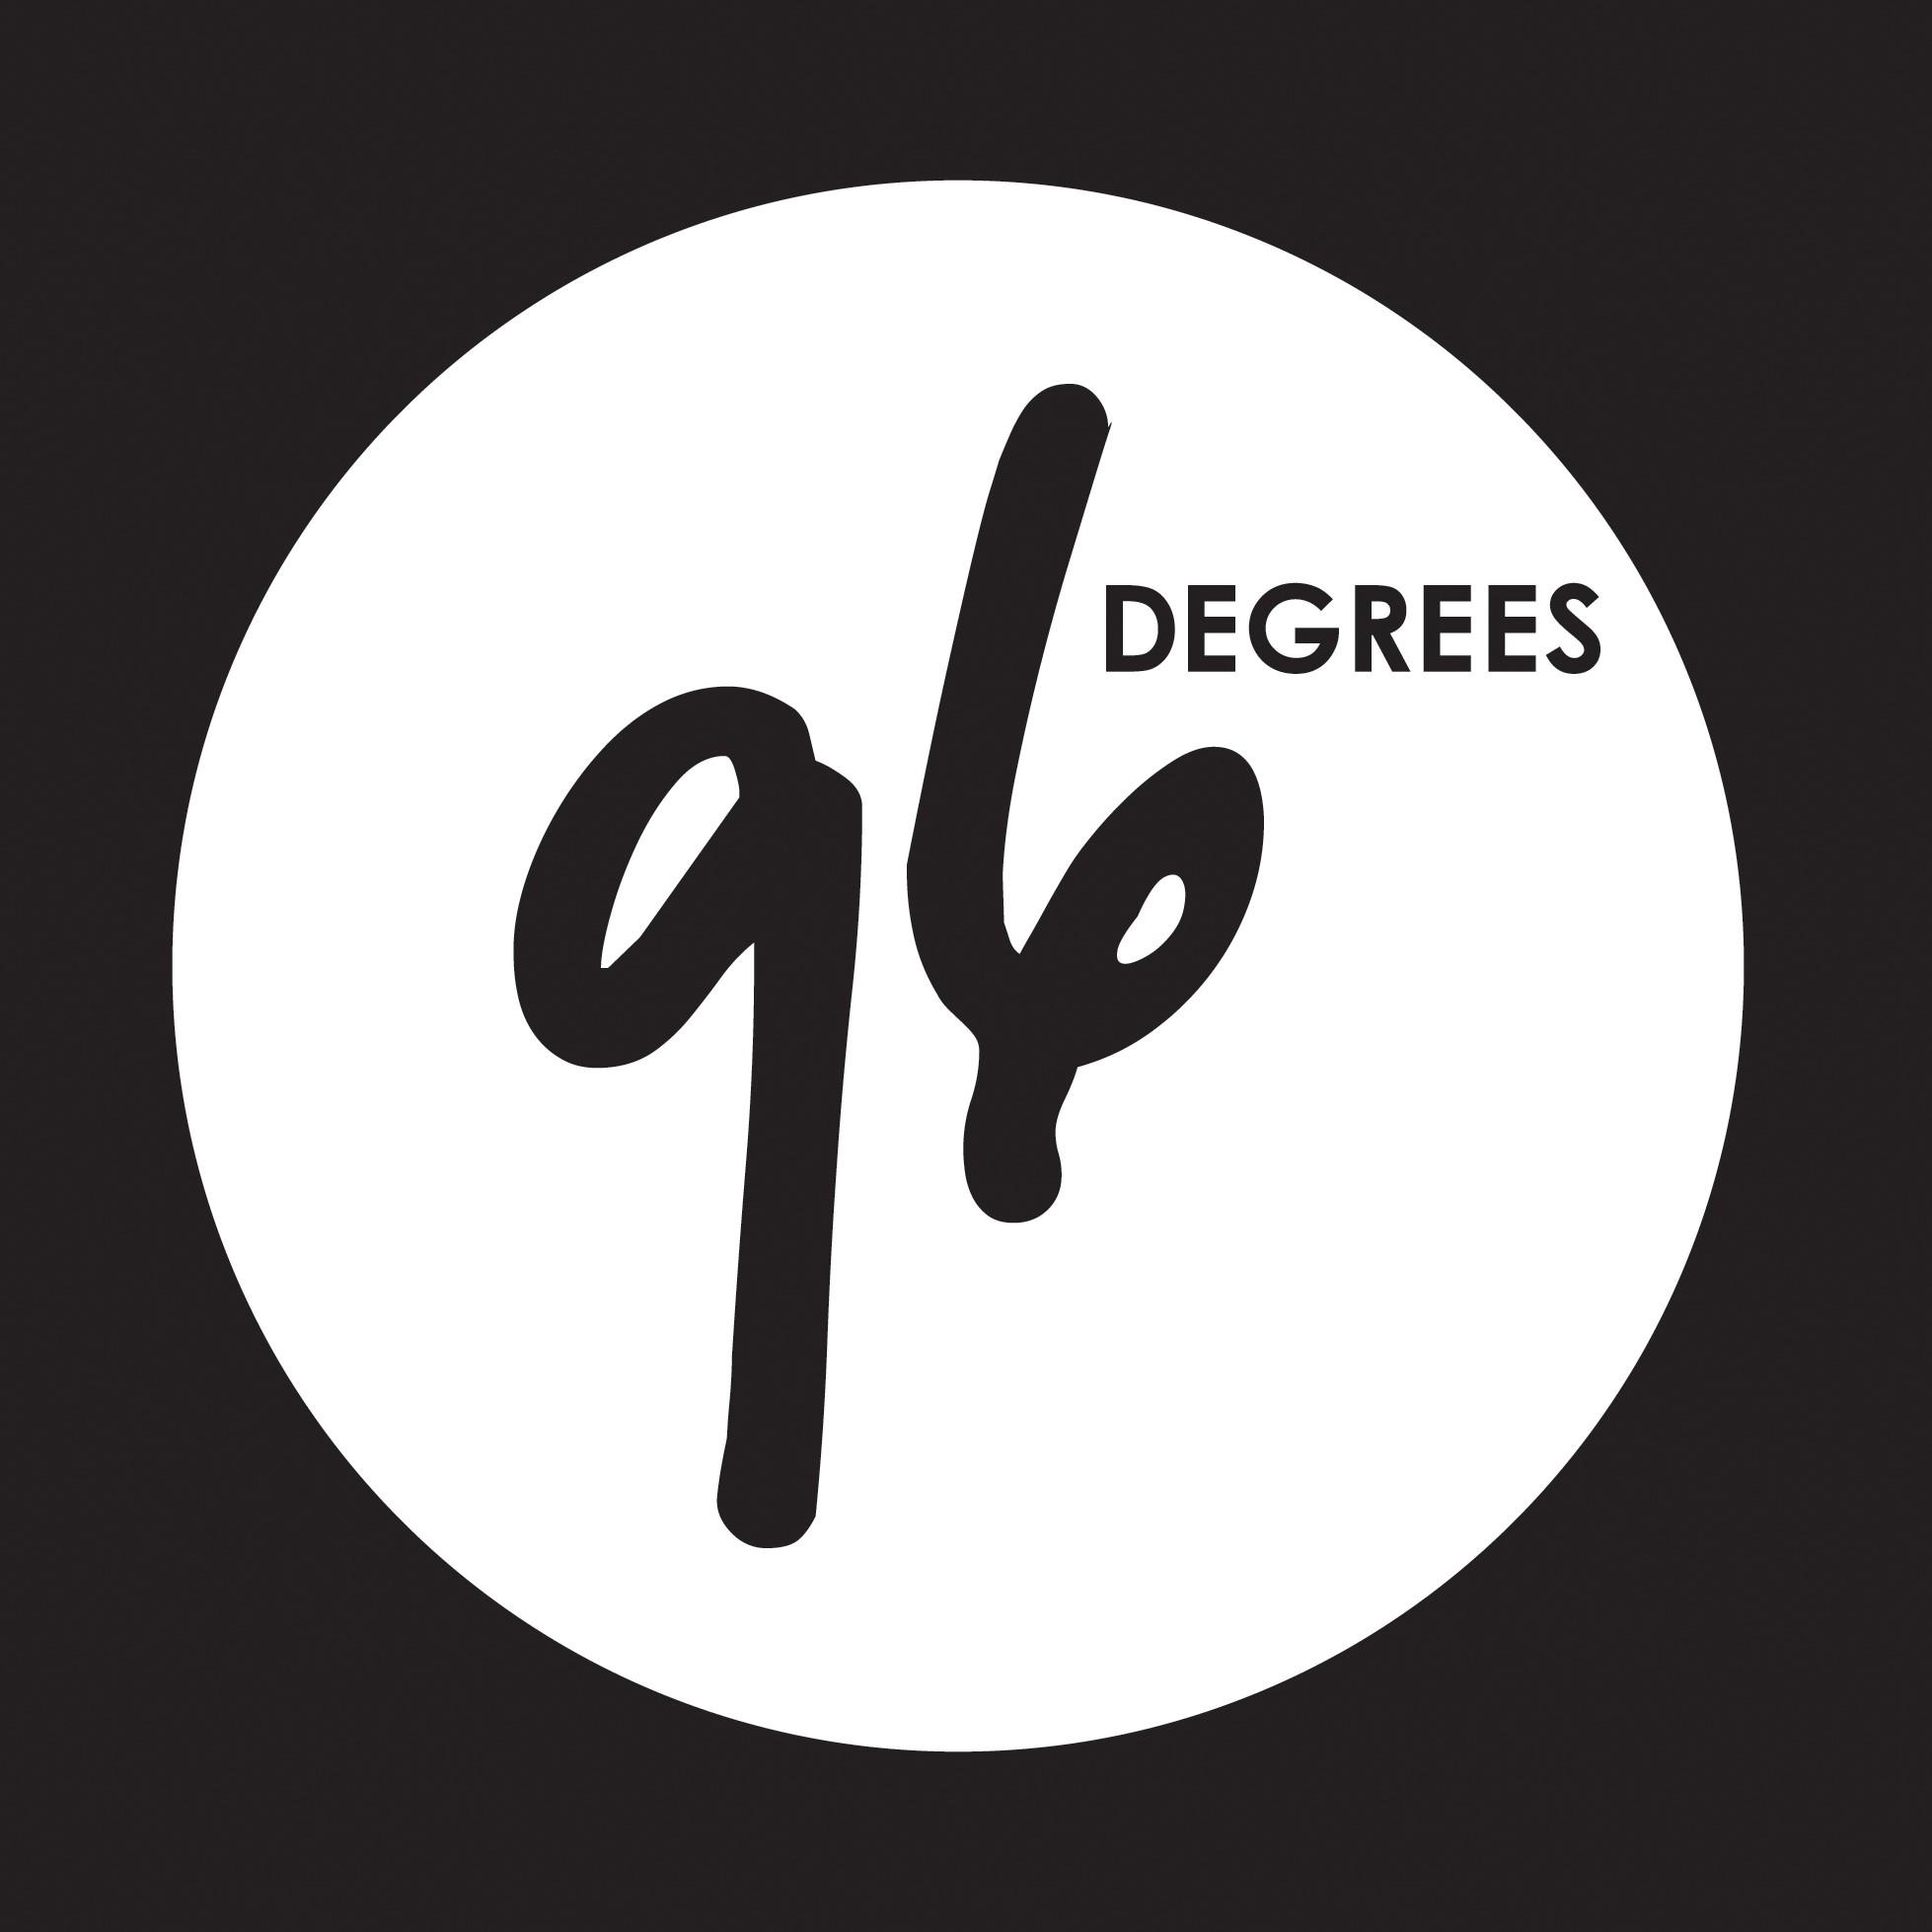 96_degrees_logo_reversed_small